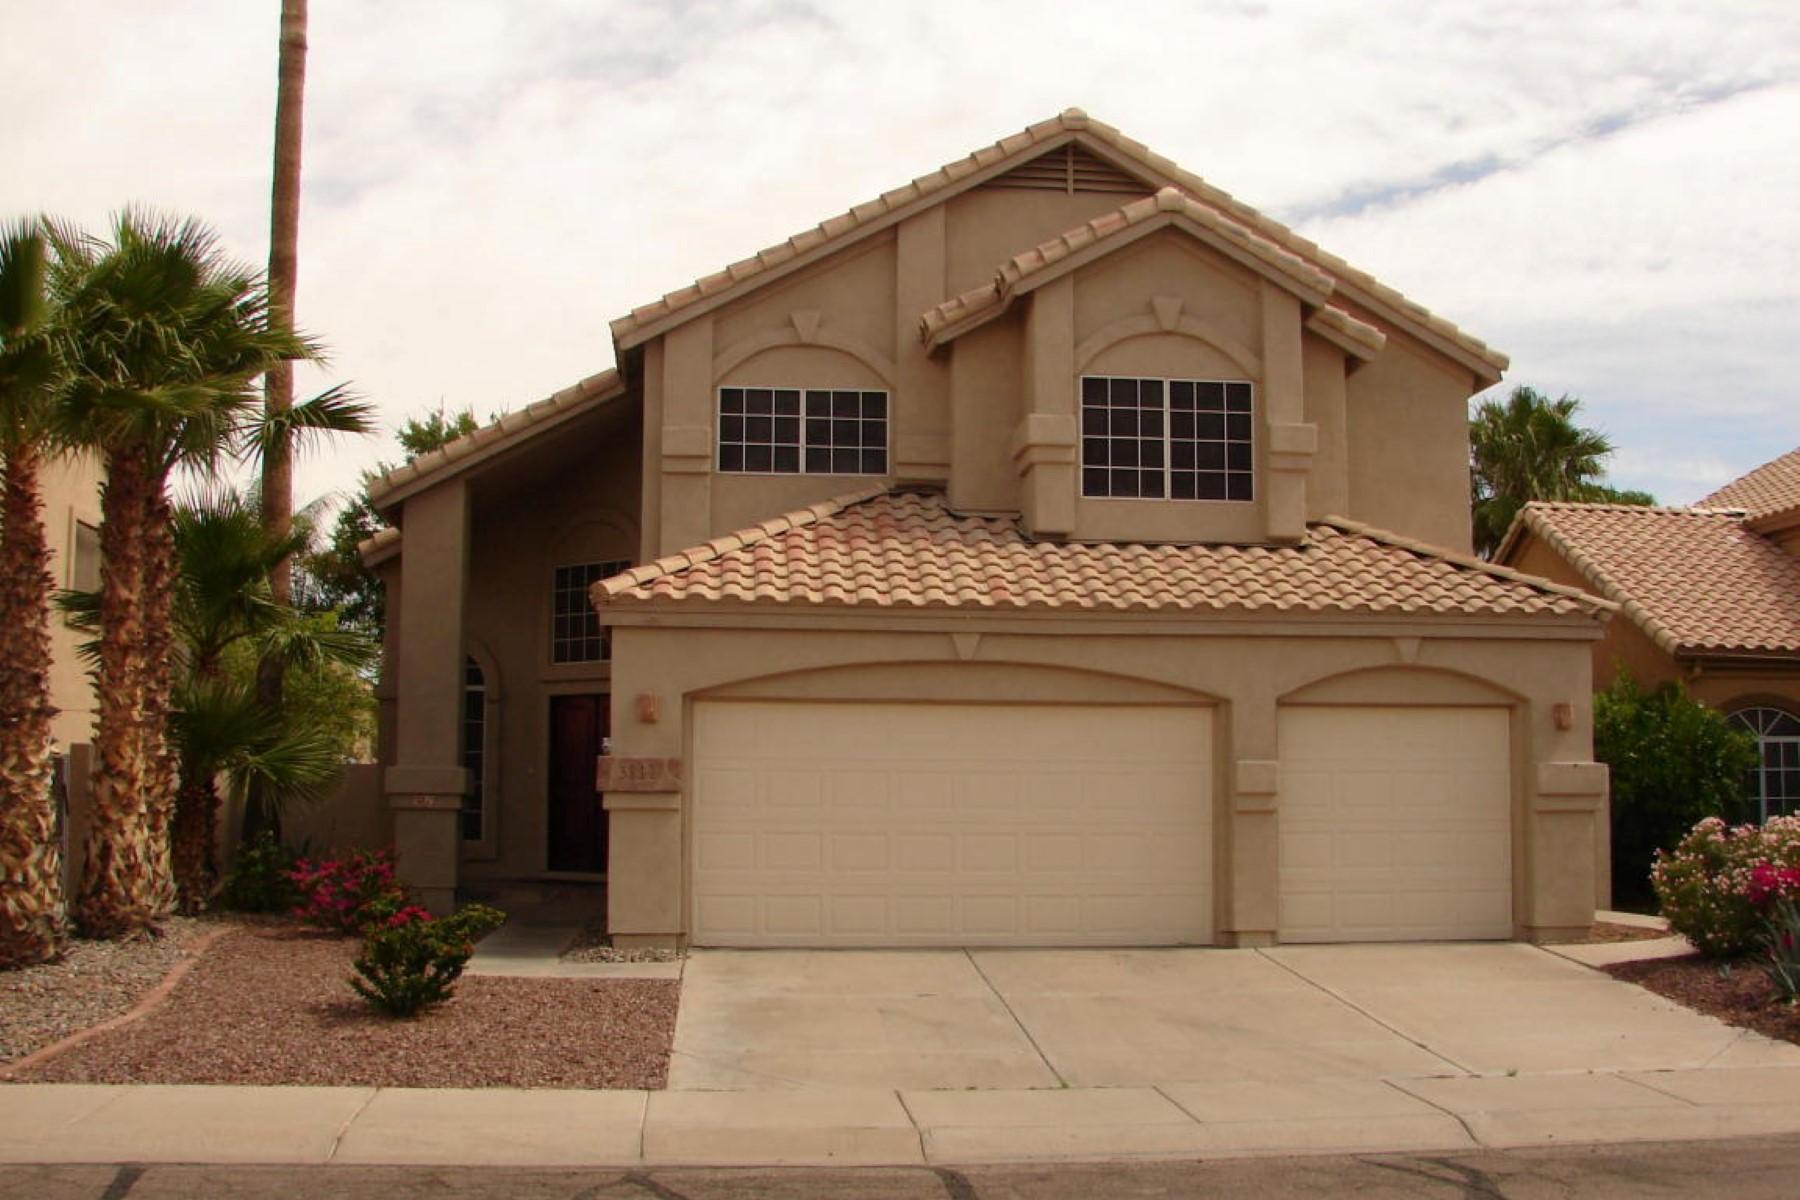 Maison unifamiliale pour l Vente à Stunning Lakewood home on quiet street 3812 E BRIARWOOD TER Phoenix, Arizona 85048 États-Unis